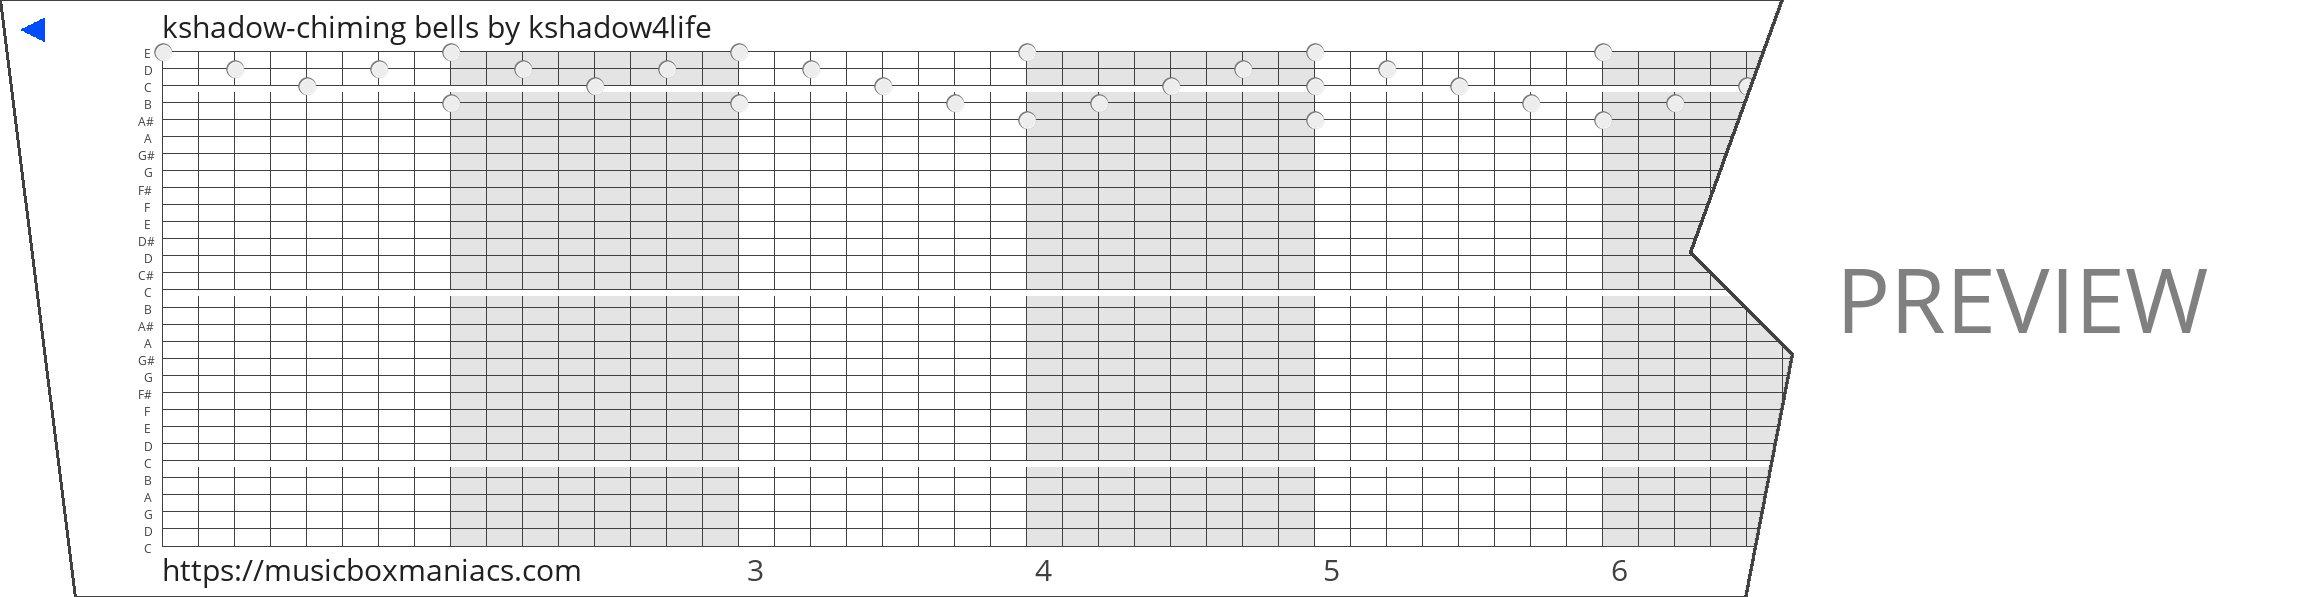 kshadow-chiming bells 30 note music box paper strip